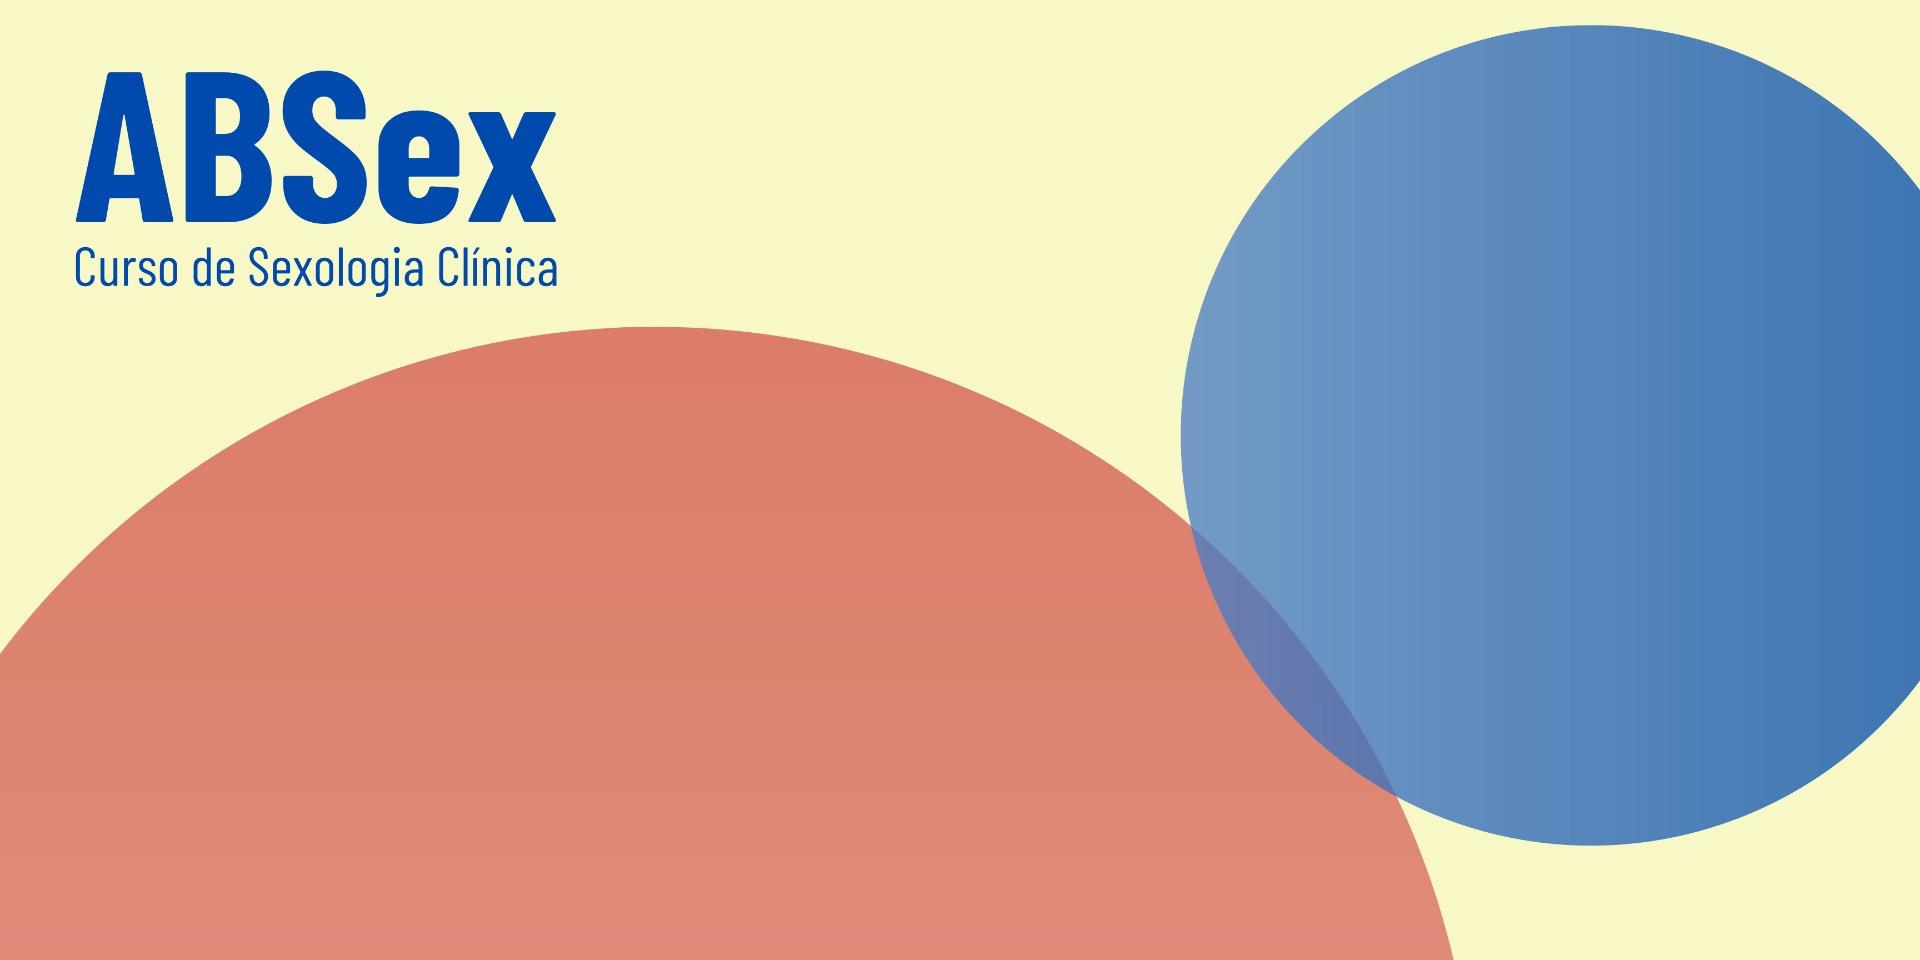 ABSex - Curso de Sexologia Clínica